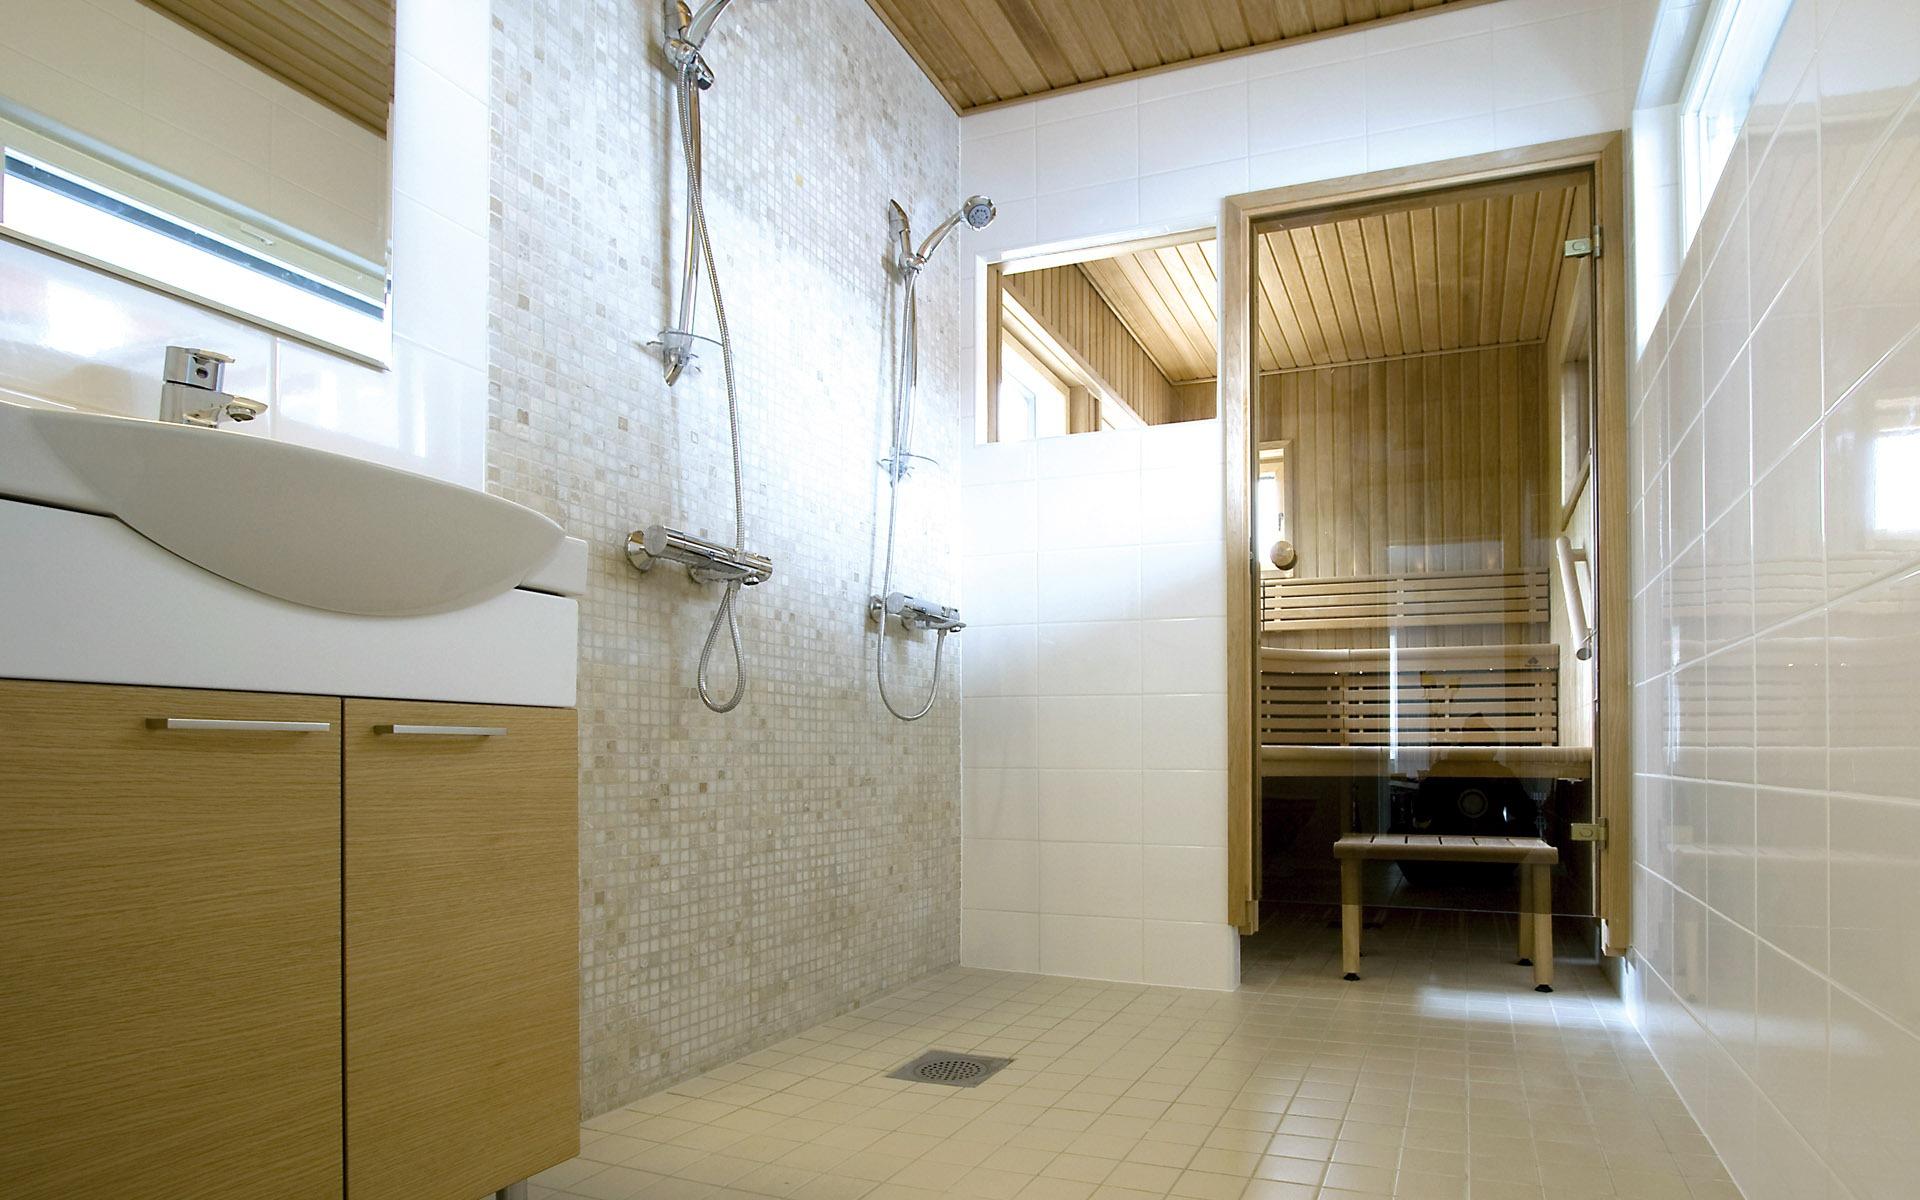 fond d 39 cran photo salle de bain 2 8 1920x1200 fond d 39 cran t l charger fond d 39 cran. Black Bedroom Furniture Sets. Home Design Ideas